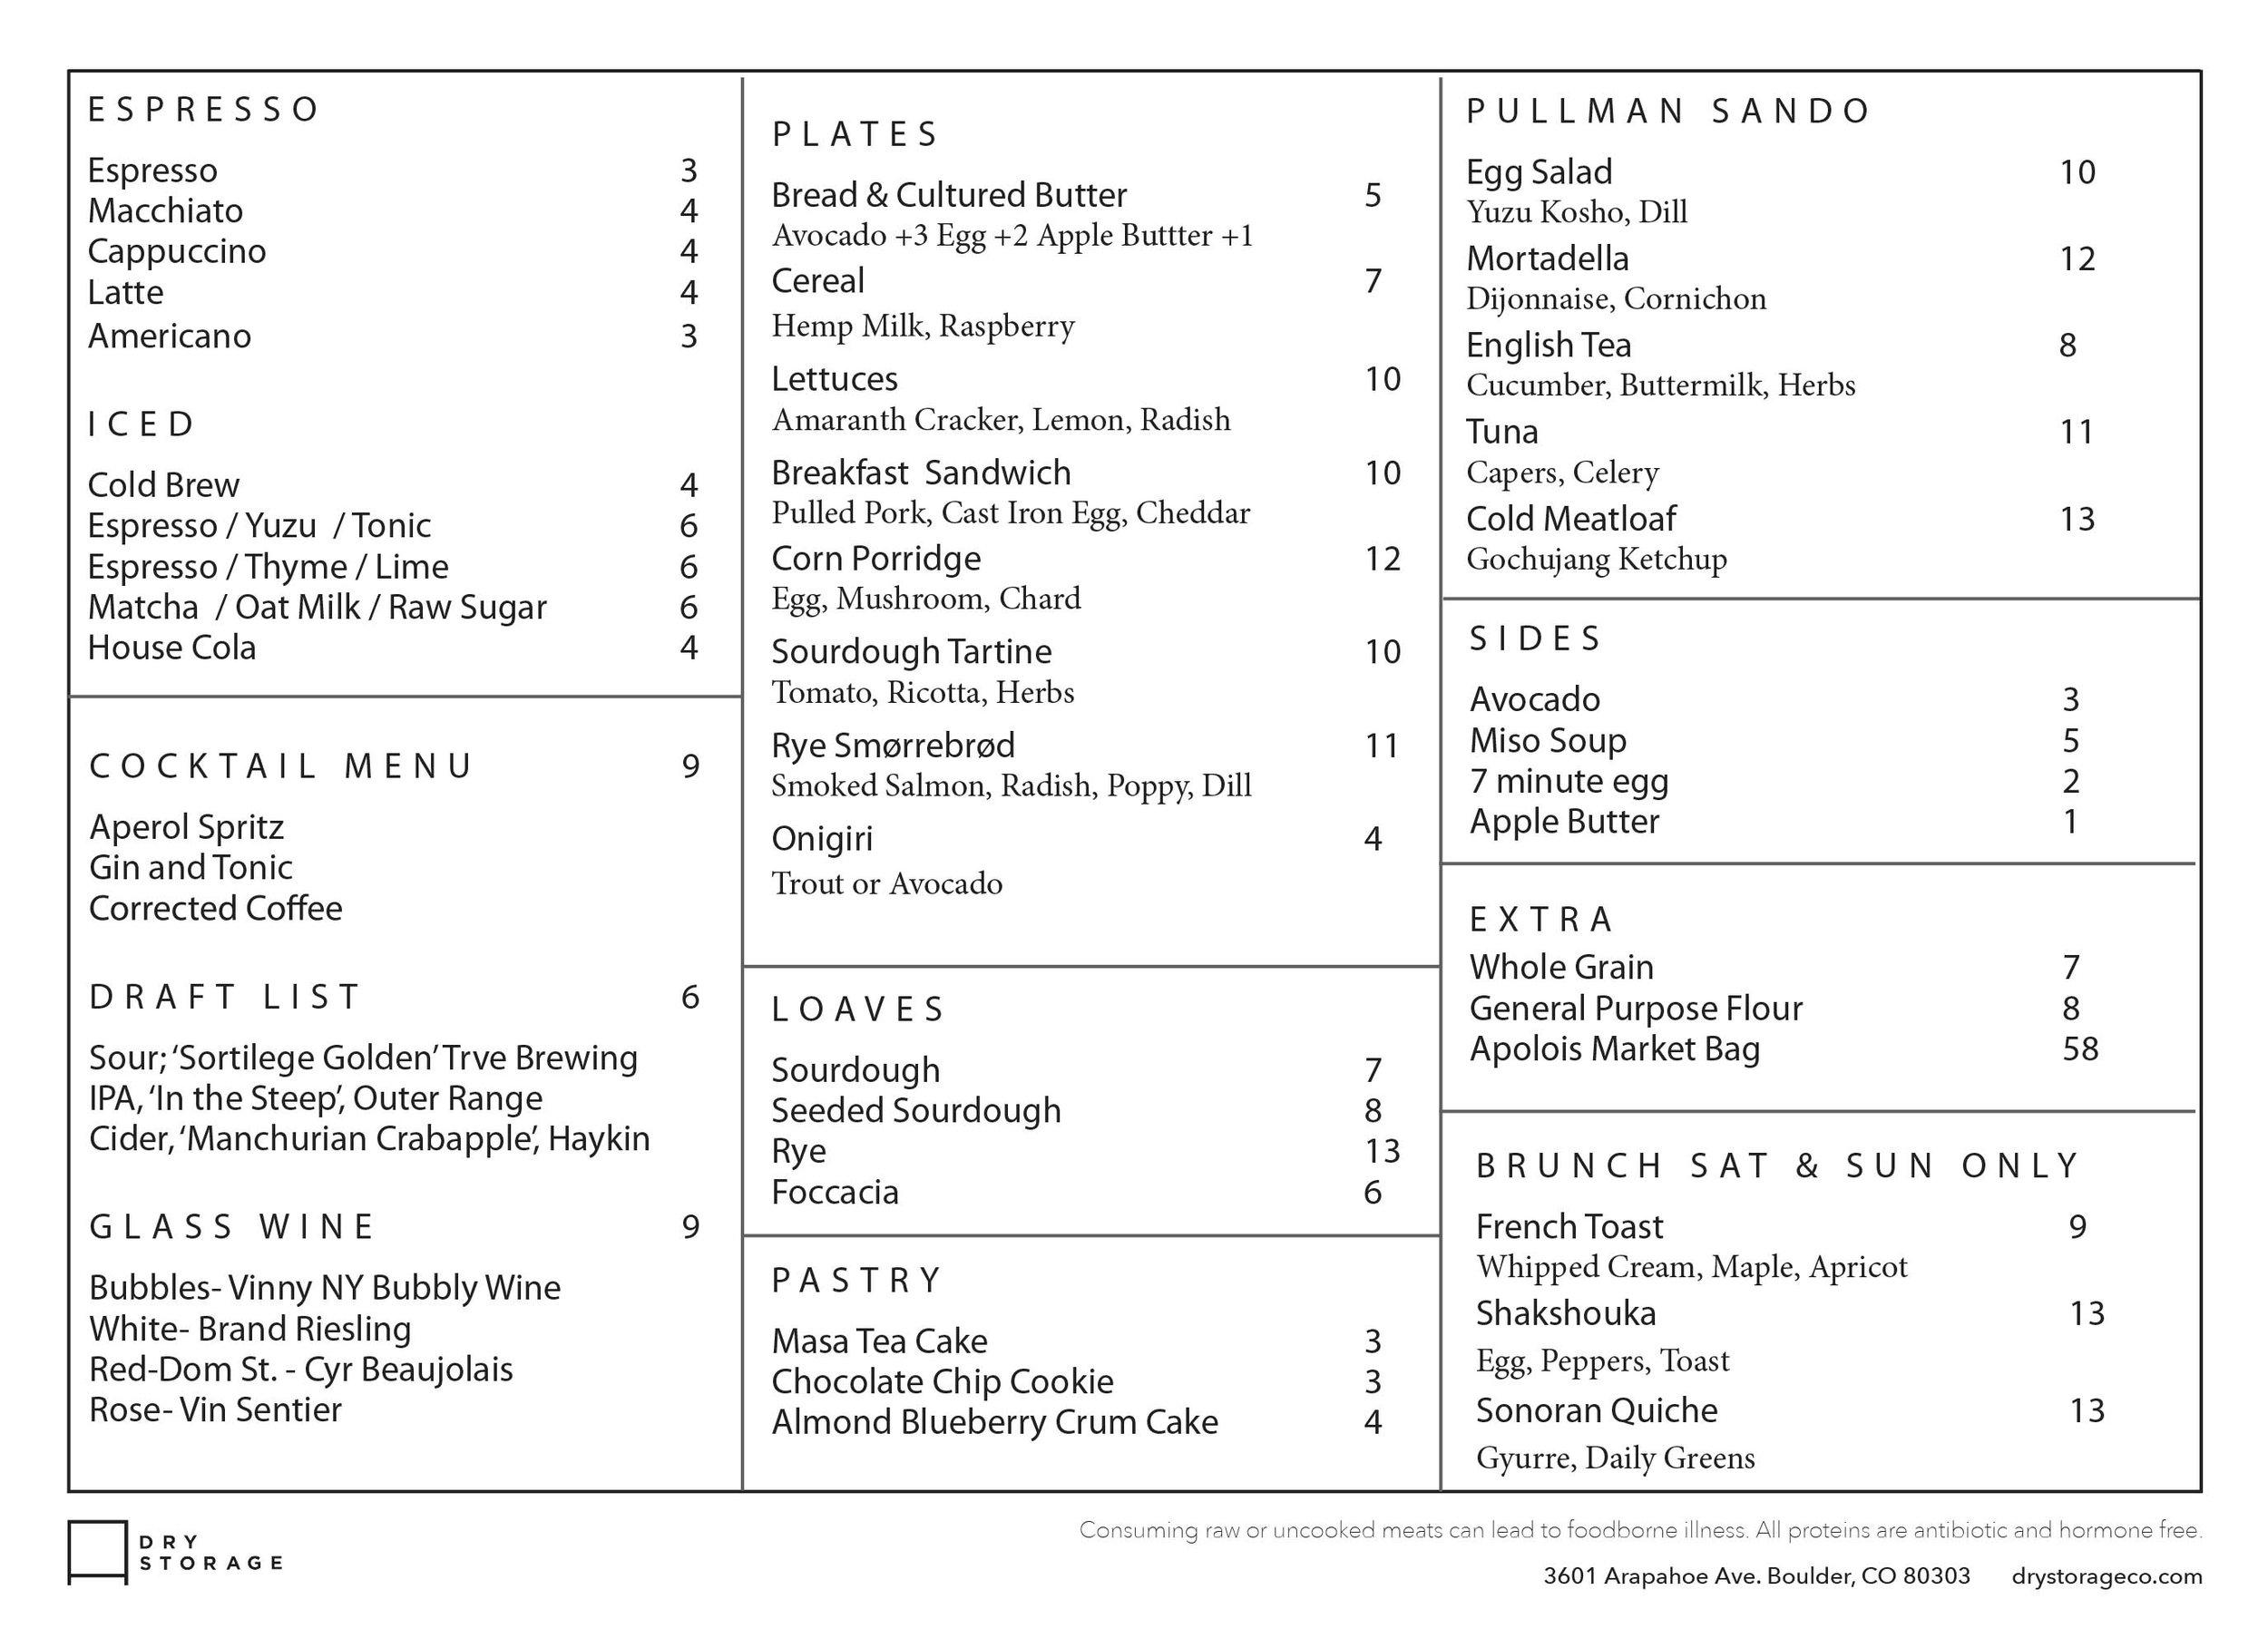 menu-dry-storage-08-19.jpg